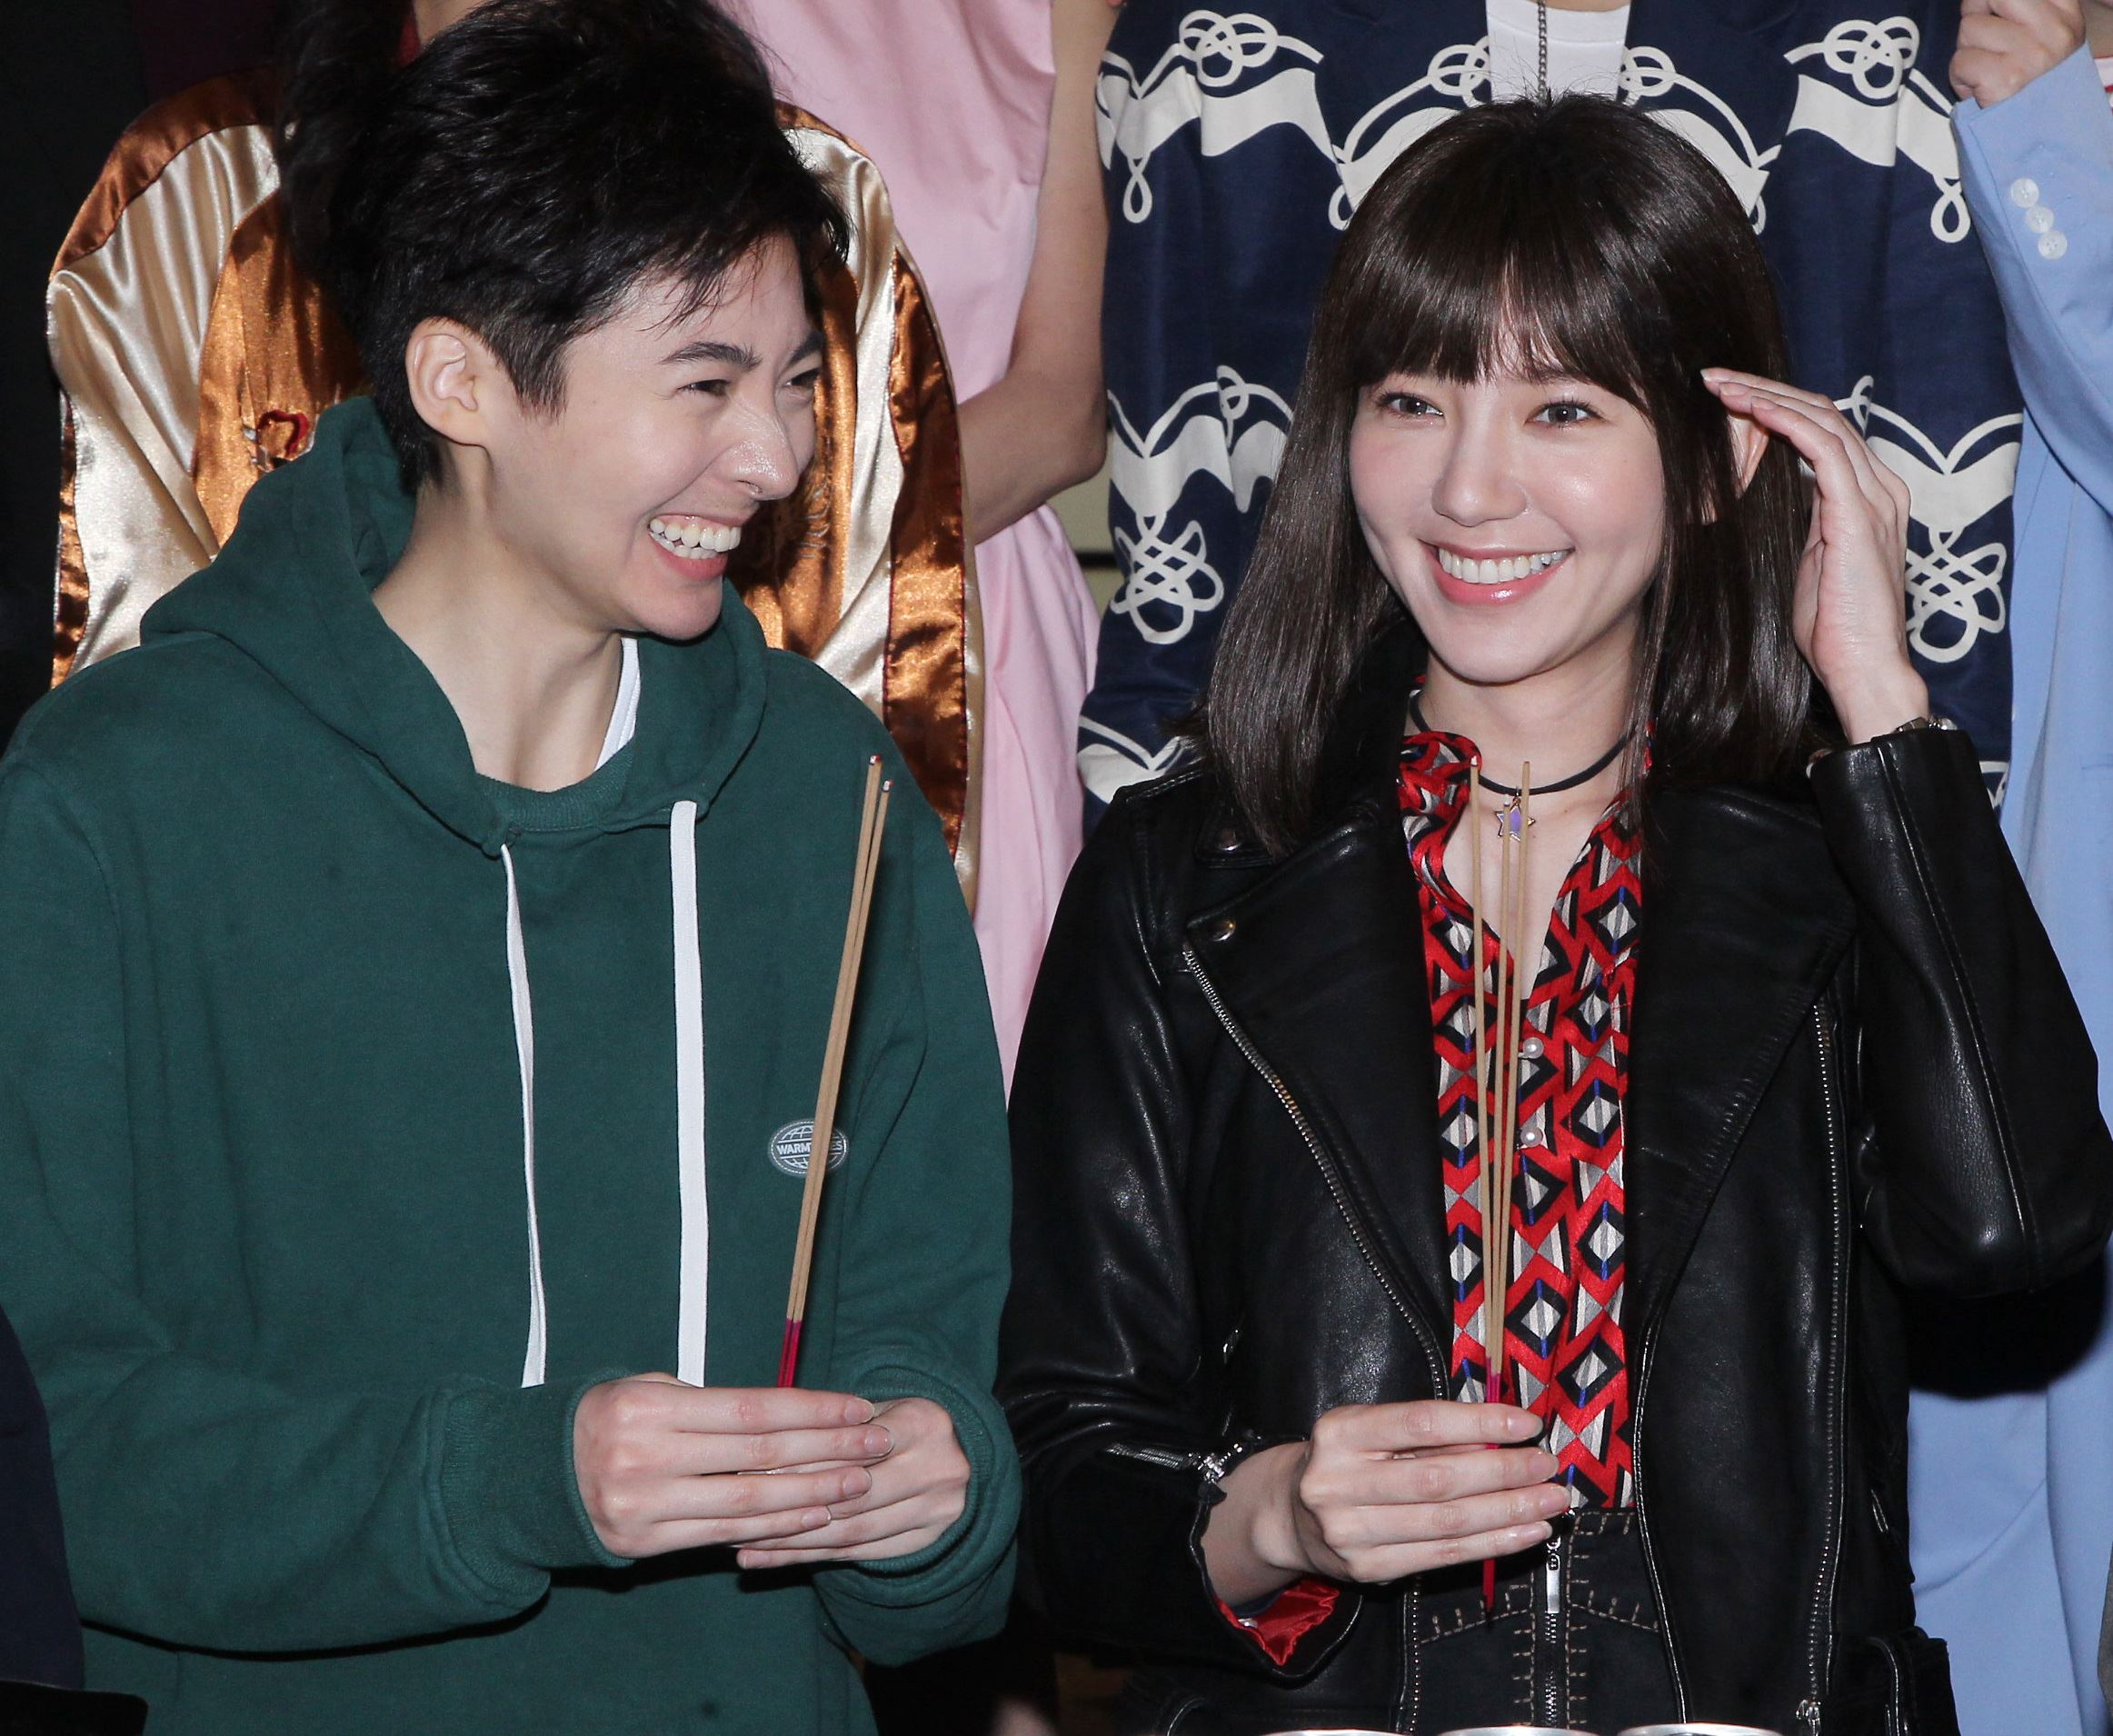 「花咲了女孩」主角郭雪芙、謝沛恩。(記者邱榮吉/攝影)